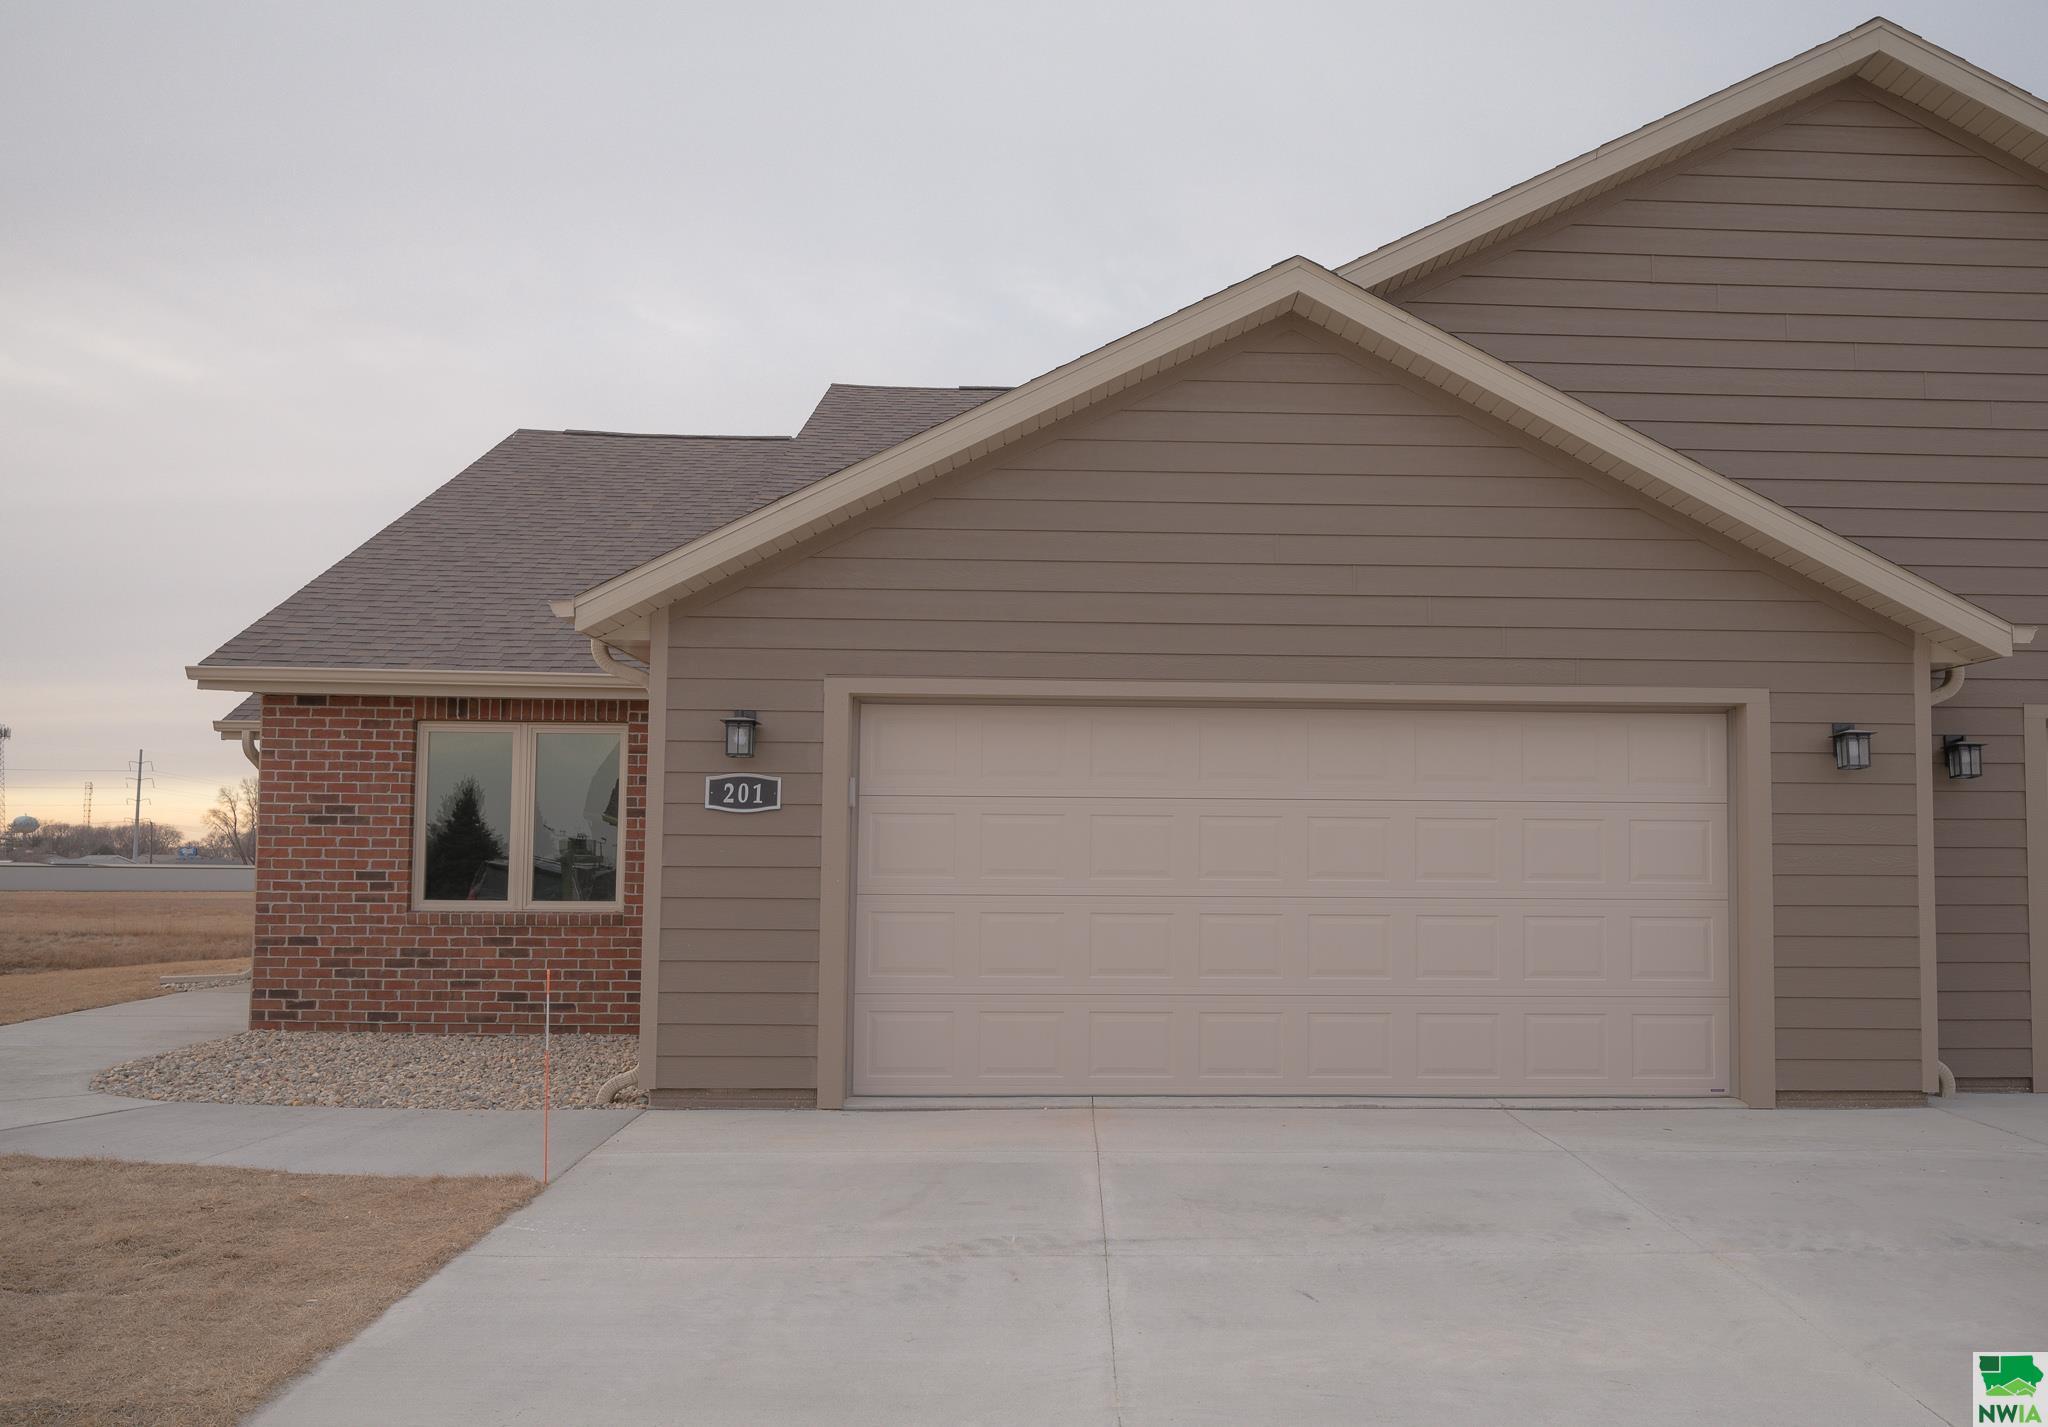 201 Prairie Bluff Drive, Sergeant Bluff, Iowa 51054